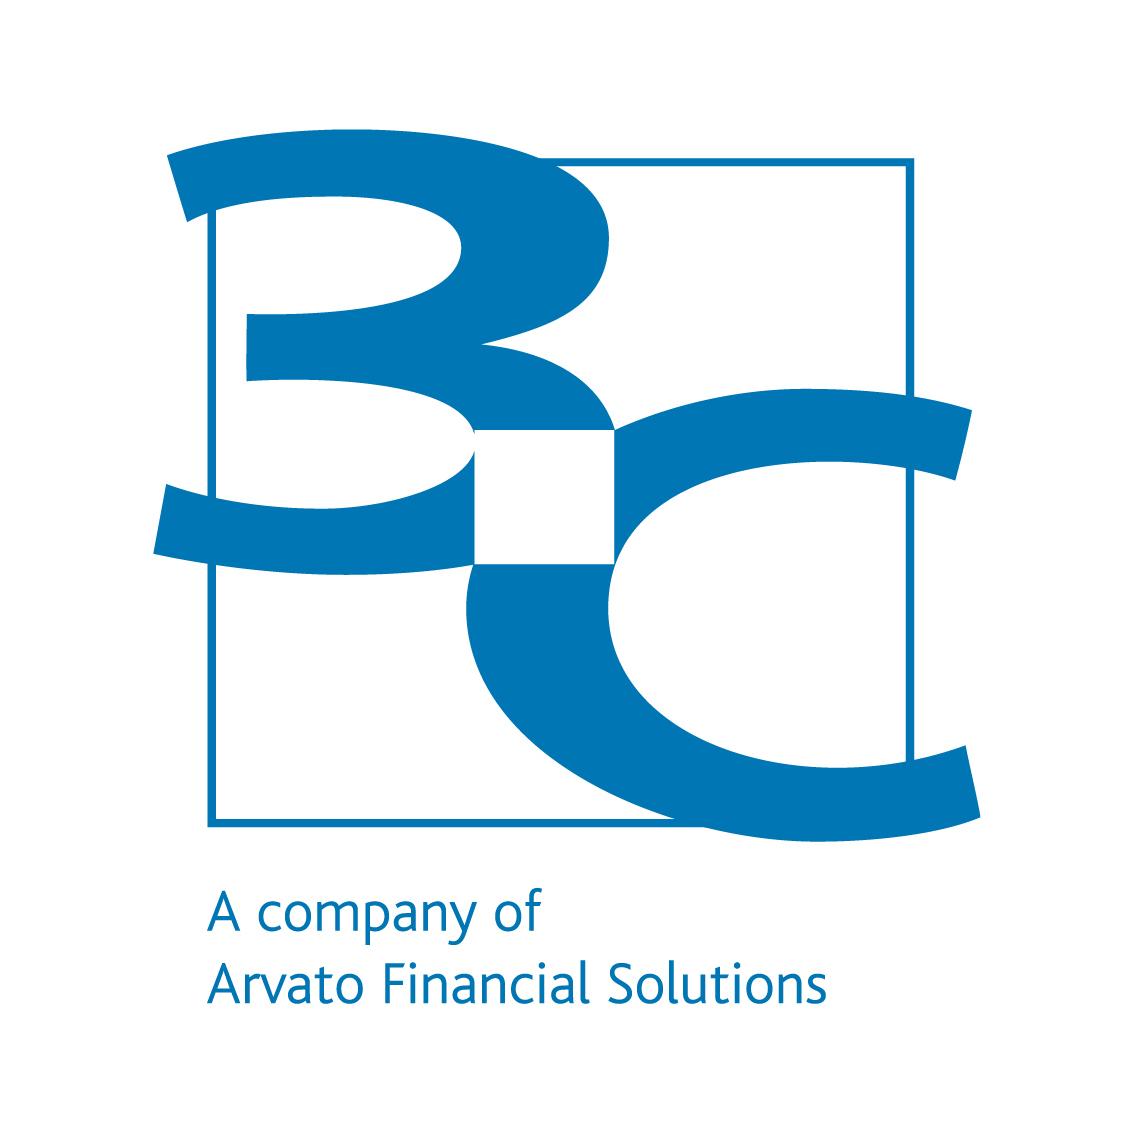 3C_Logo_blau.jpg